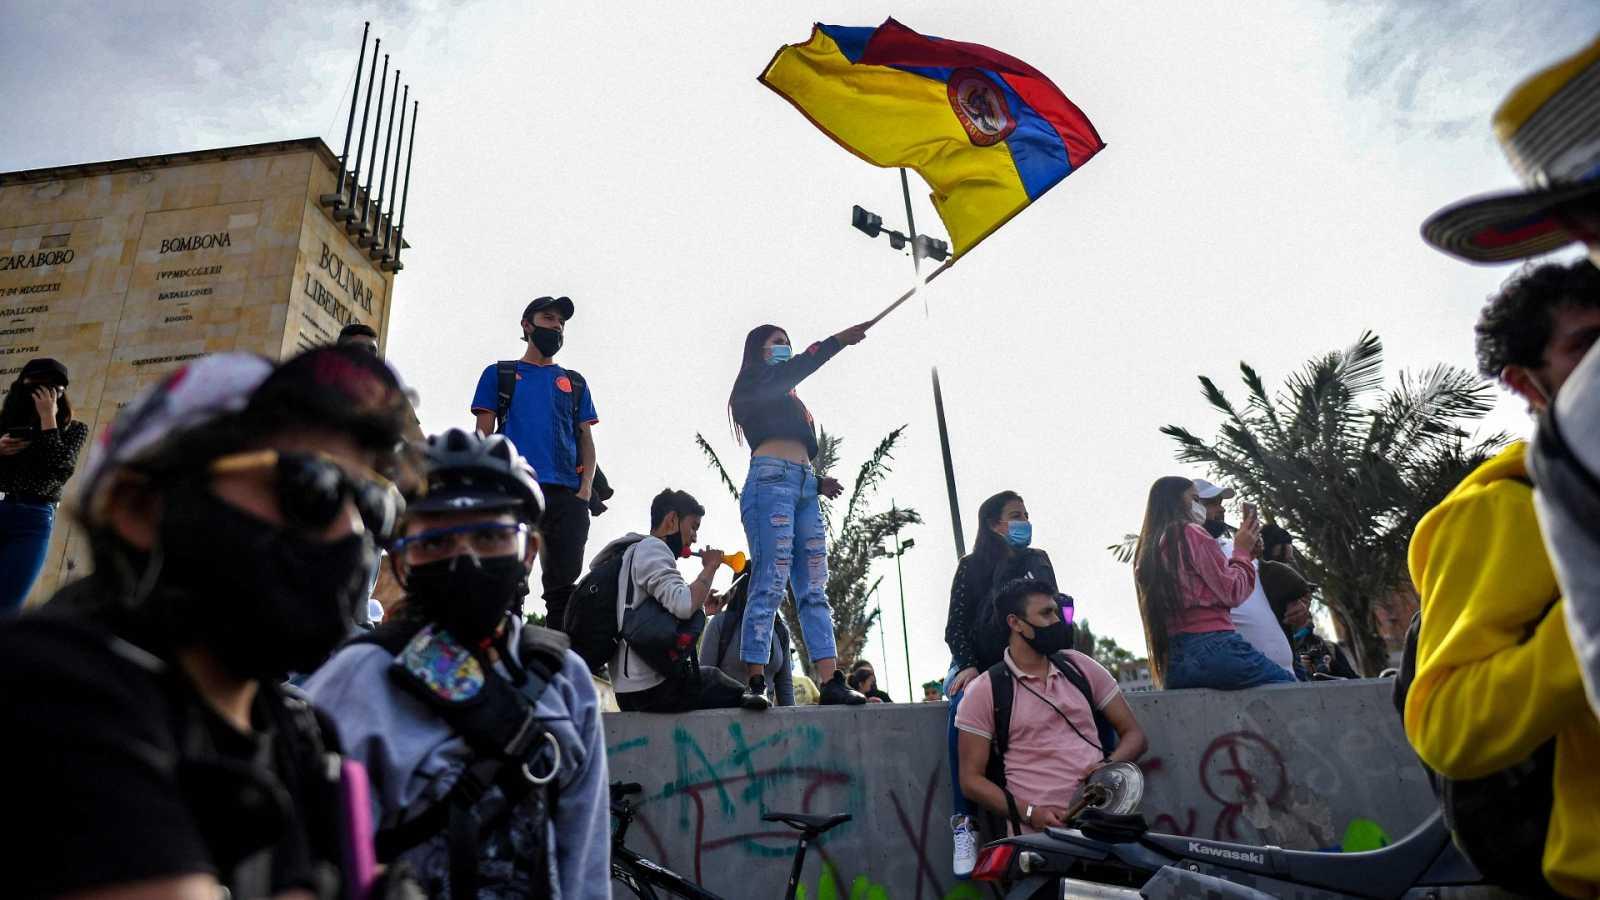 Los bloqueos en las protestas provocan problemas de abastecimiento en Colombia